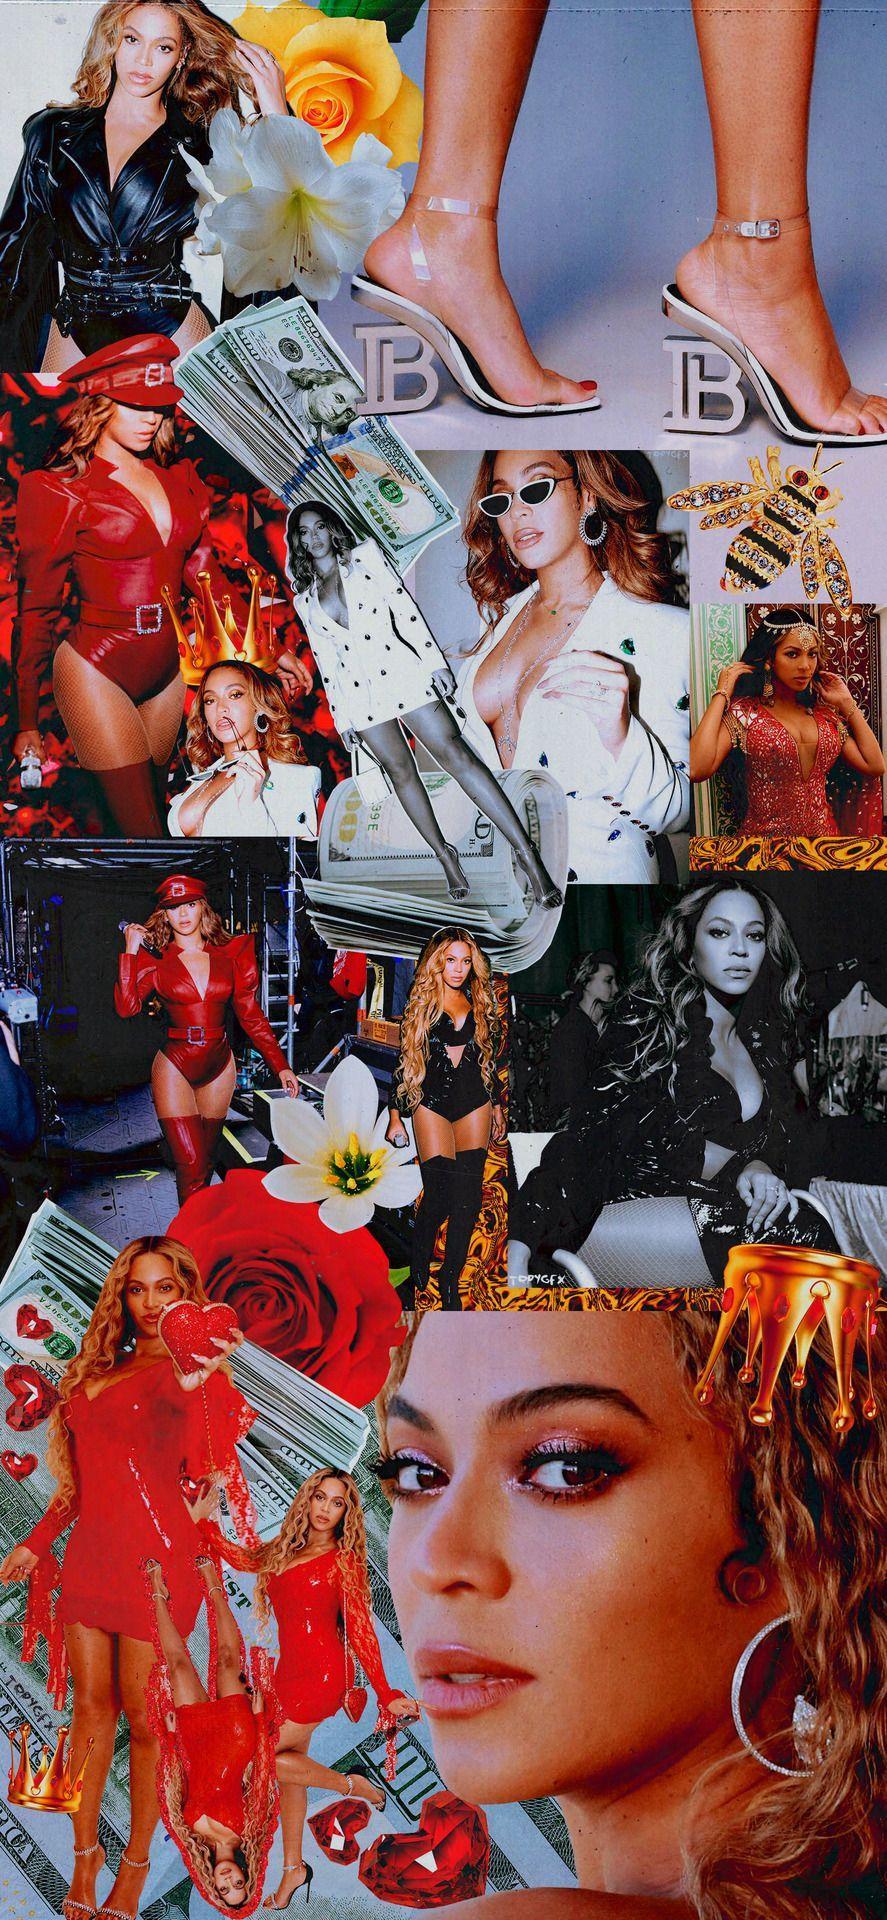 Beyonce Wallpaper Beyonce Wall Art Beyonce Background Beyonce Style